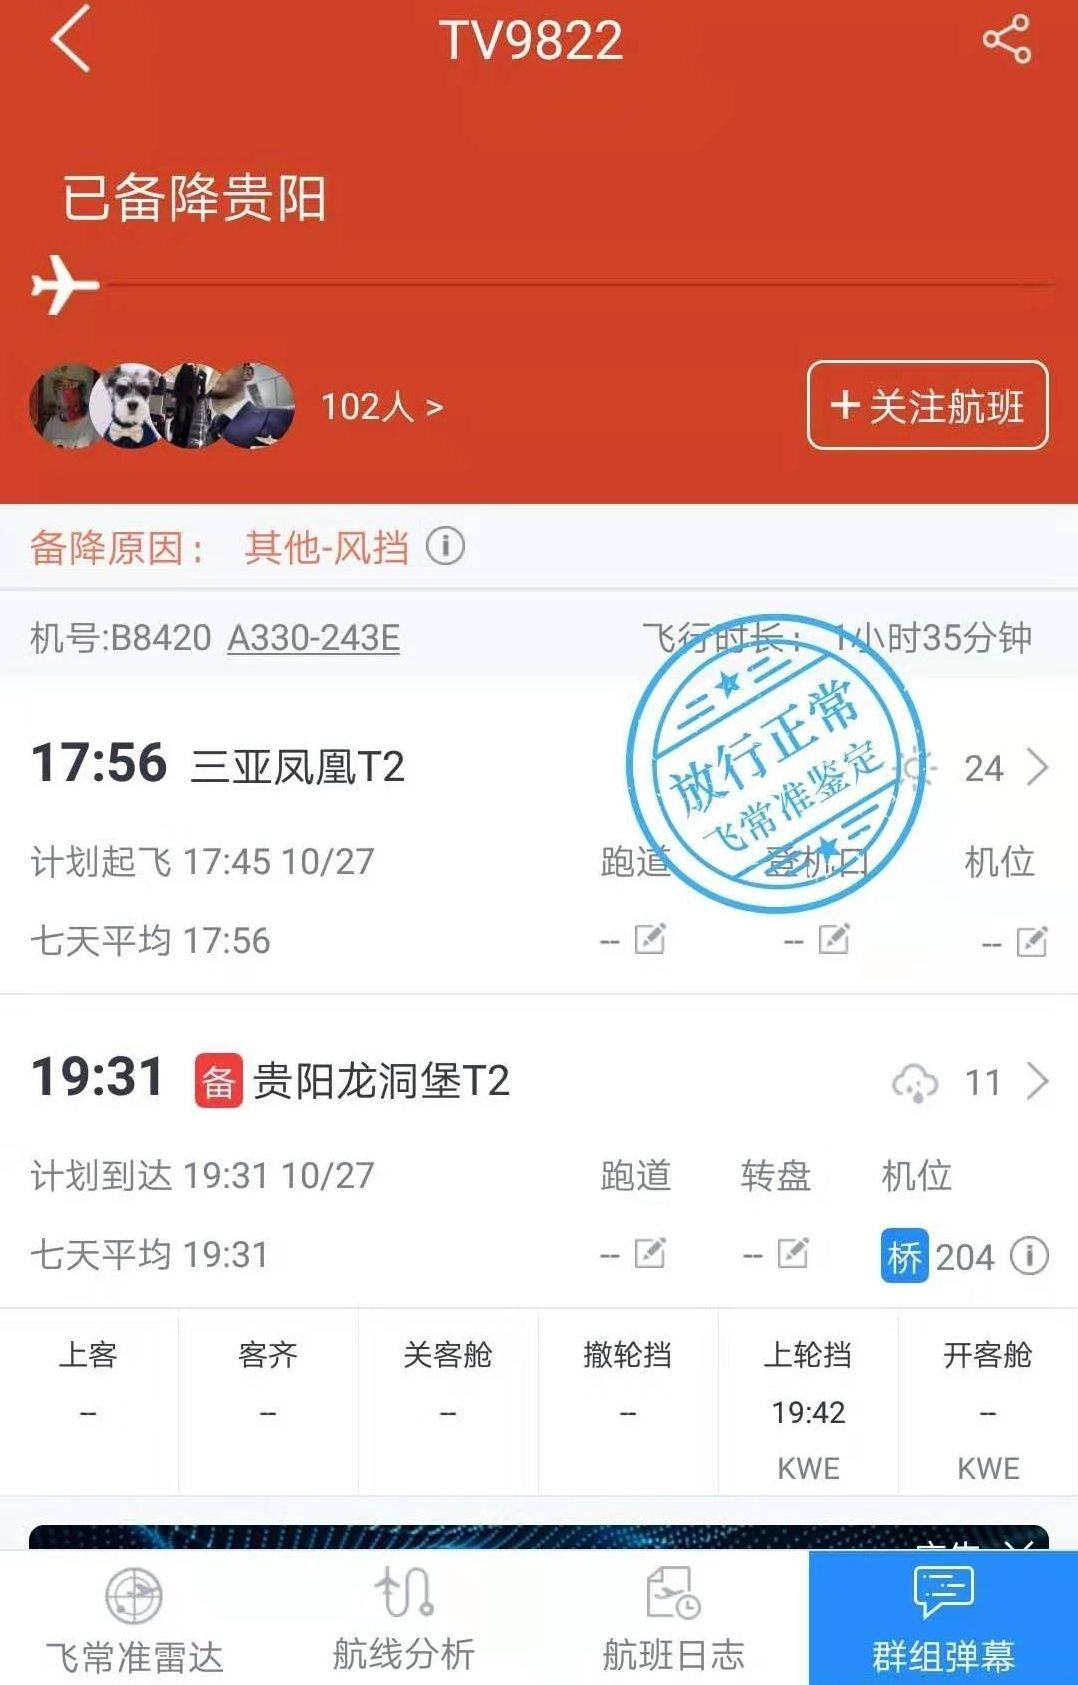 西藏航空TV9822航班 摄影:飞常准